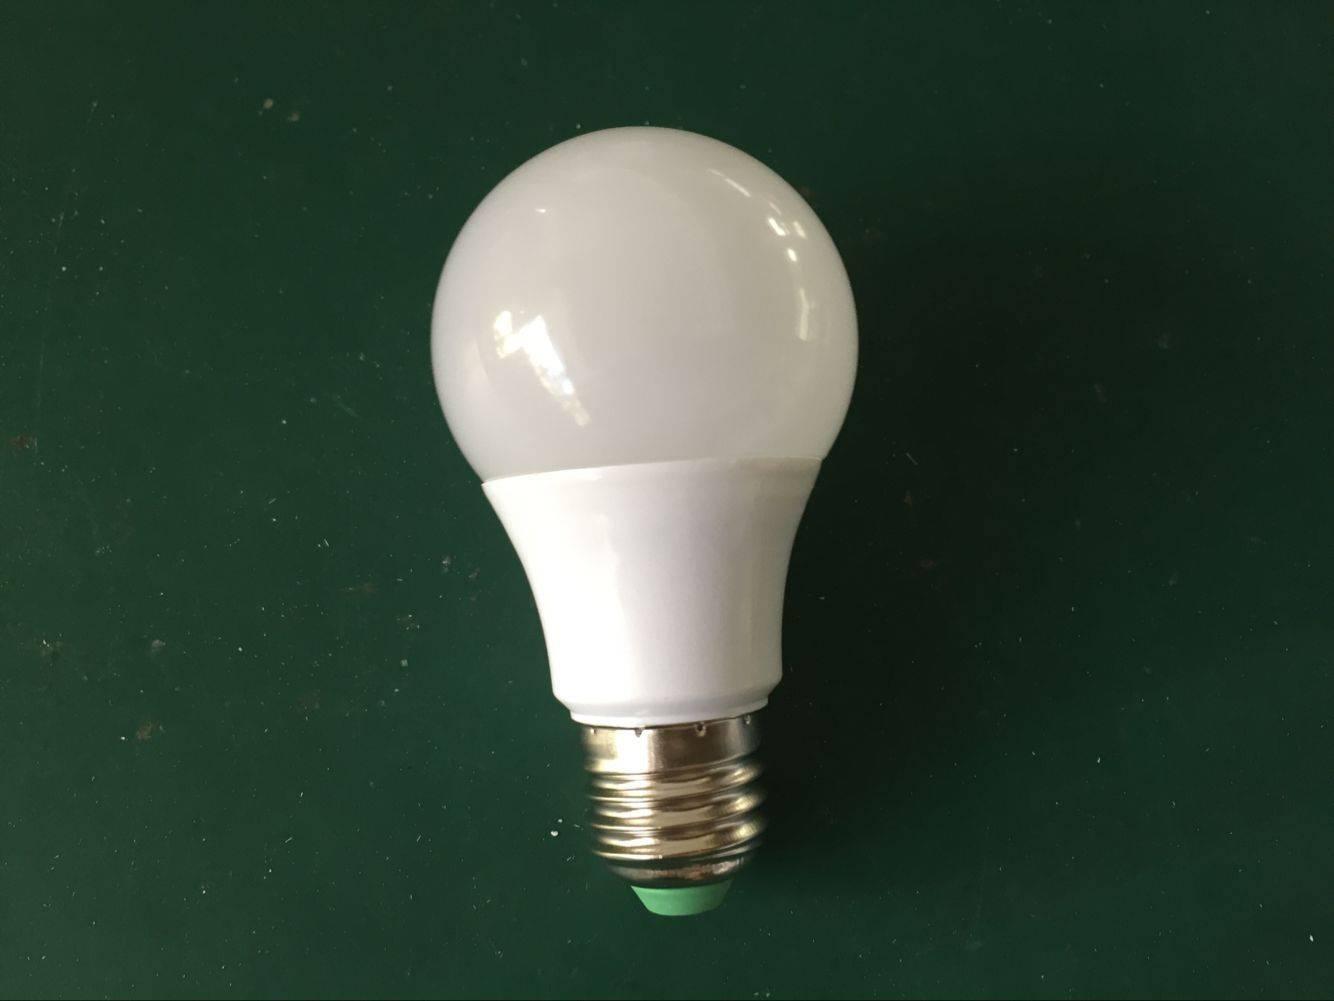 E27 base high energy saving 9W led bulbs